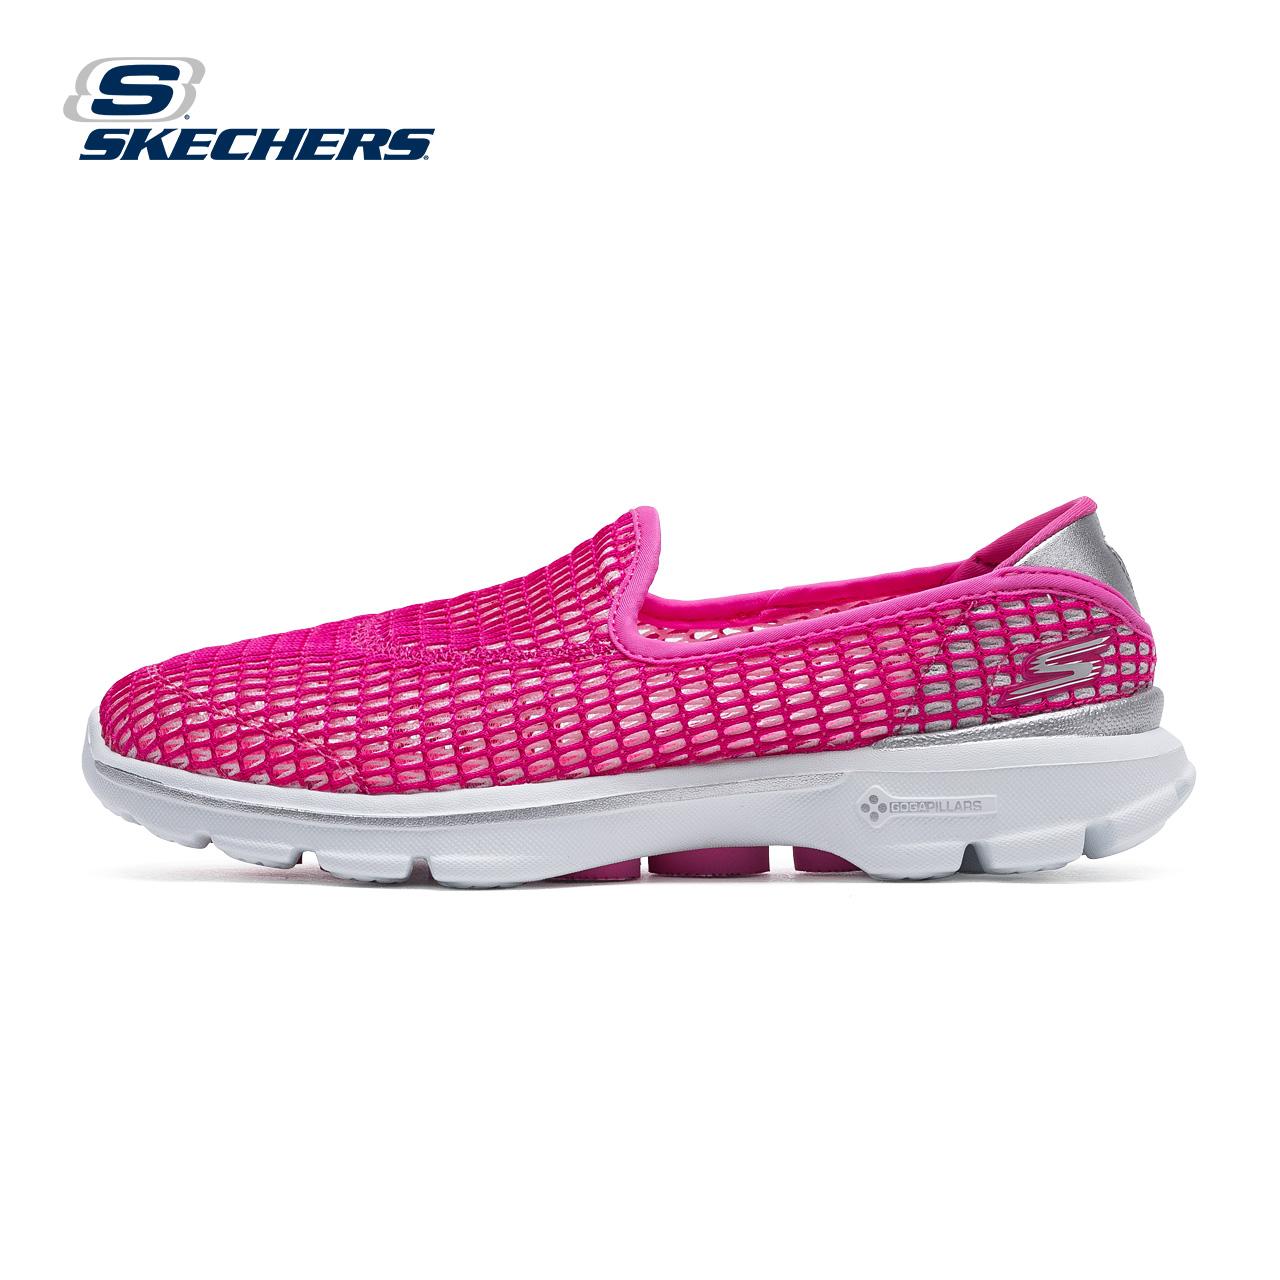 Skechers скай странный GO WALK 3 здоровый шаг спортивной обуви женщина меш пирсинг ножной футляр обувь casual 14054